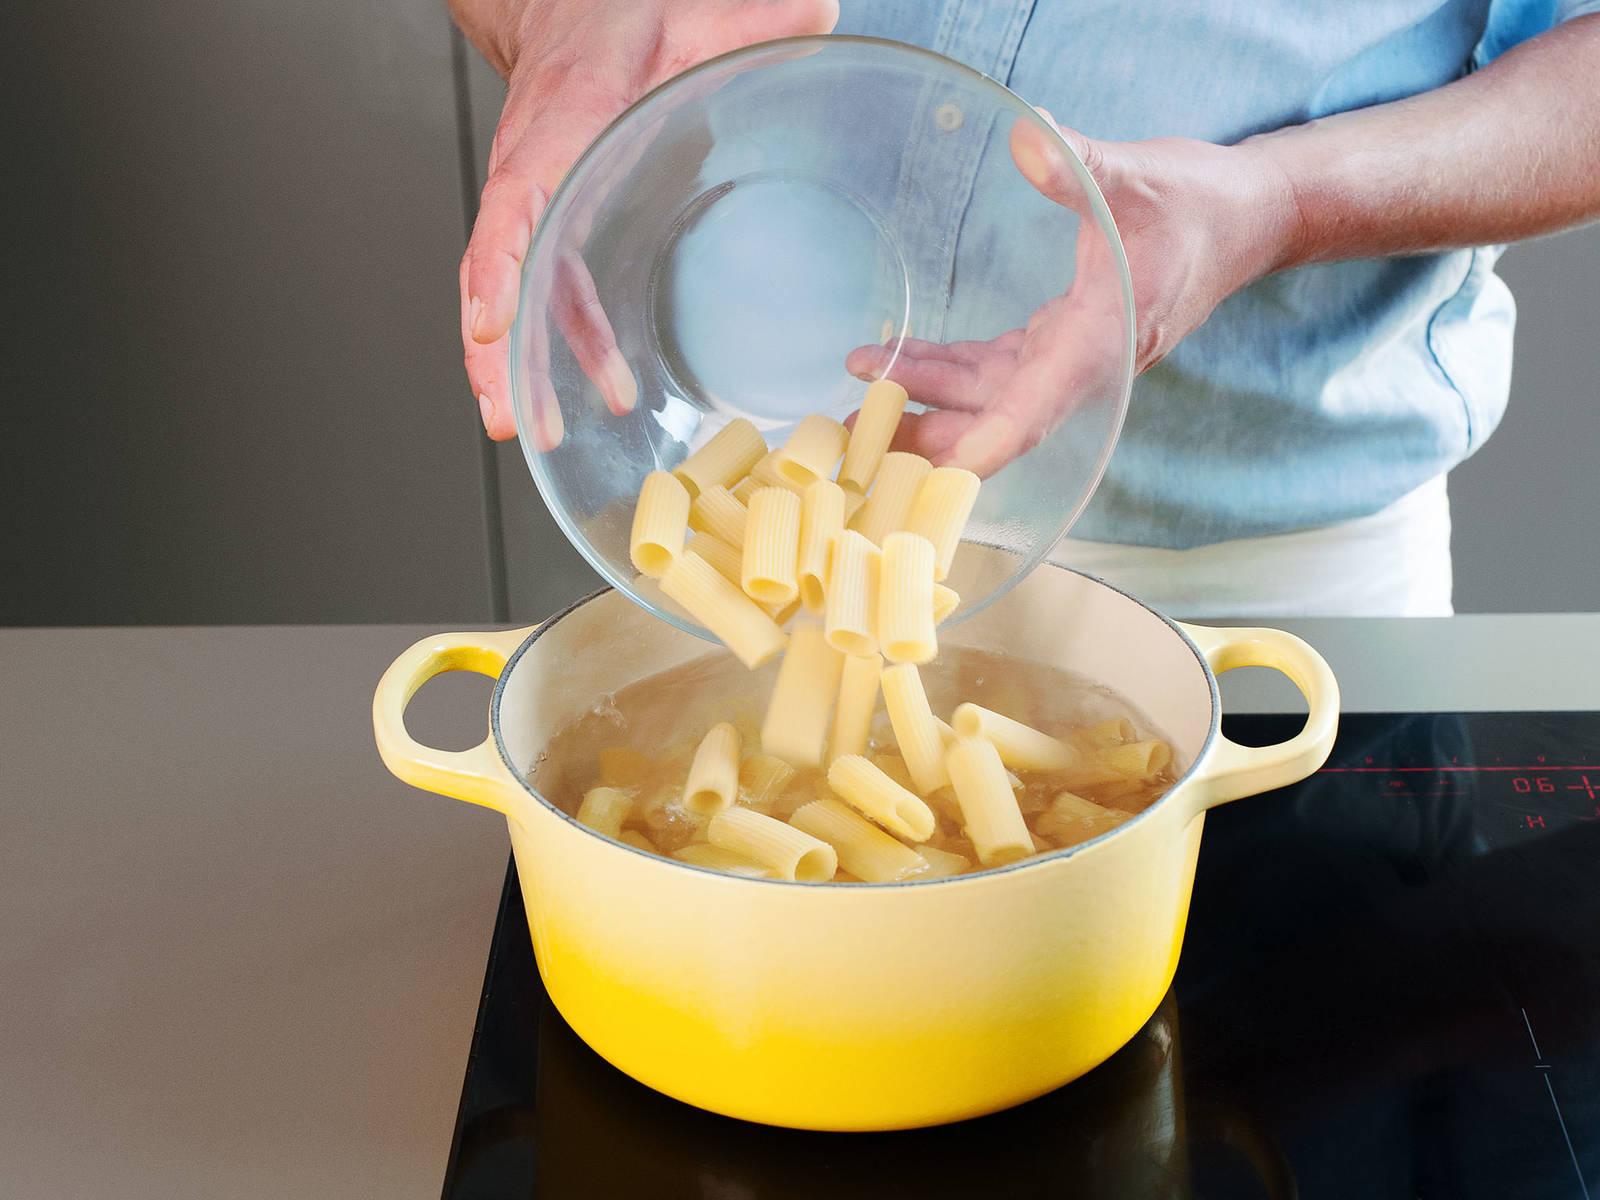 Einen großen Topf zu Hälfte mit Wasser füllen und auf hoher Stufe zum Kochen bringen; anschließend Salz hinzugeben. Rigatoni in das kochende Wasser geben und je nach Packunsanweisung al dente kochen, ca. 10 - 12 Min. Pasta abgießen und etwas von dem Nudelwasser zur Seite stellen.